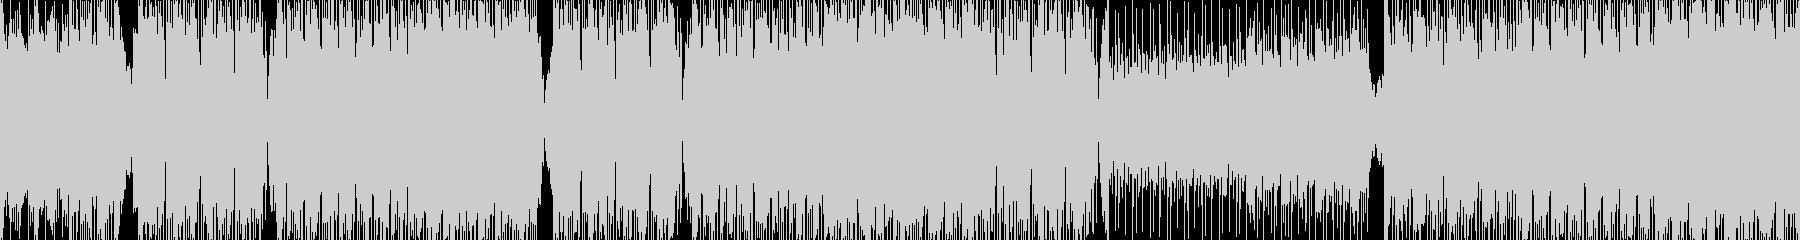 アグレッシブダーティーなダンスMUSICの未再生の波形